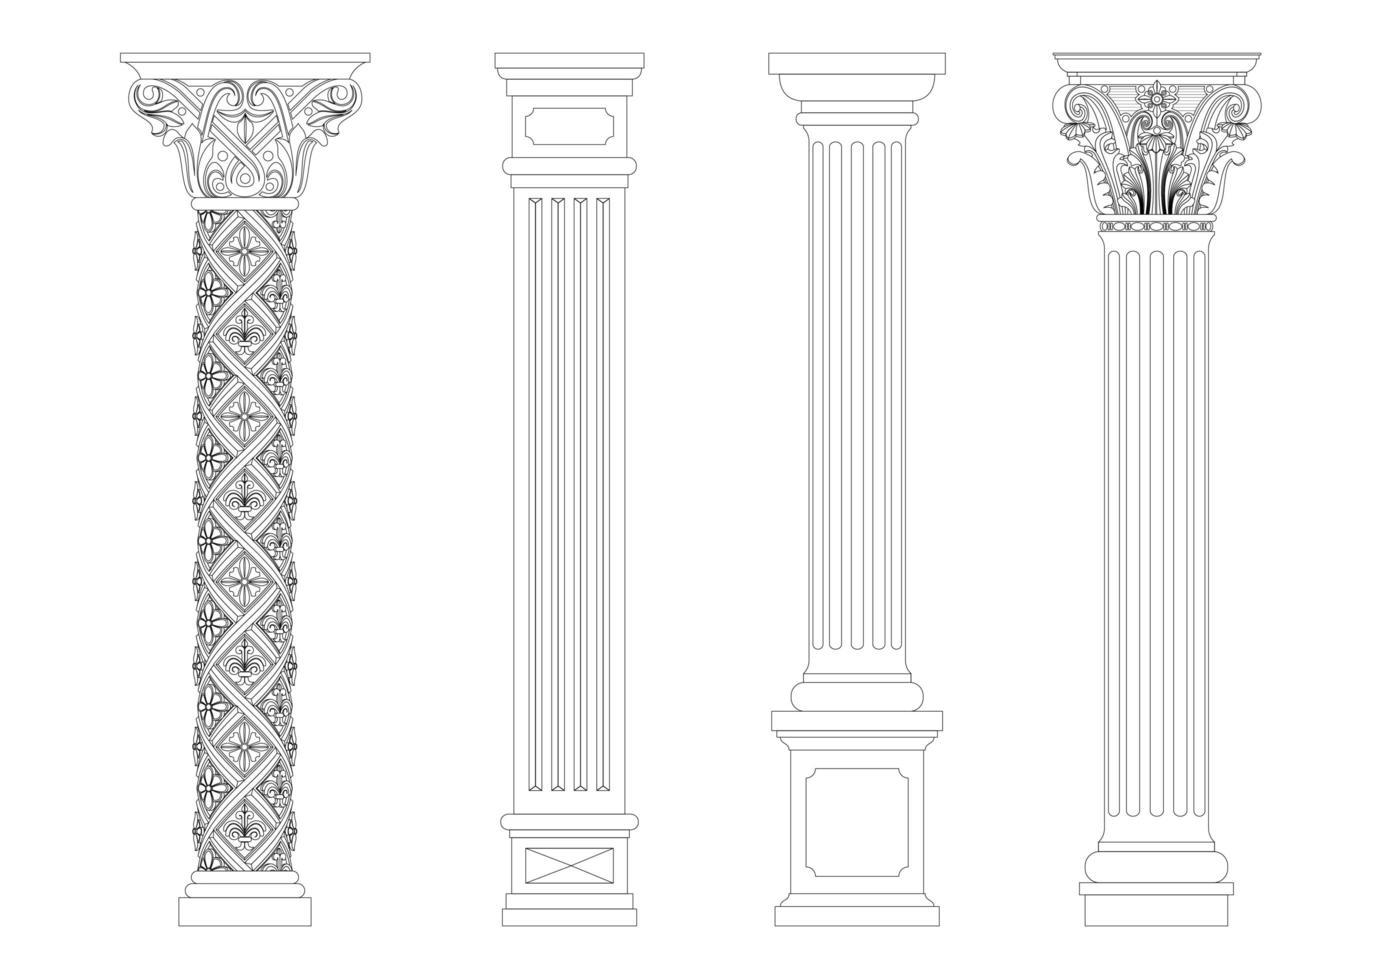 colonnes classiques dans le style de contour vecteur